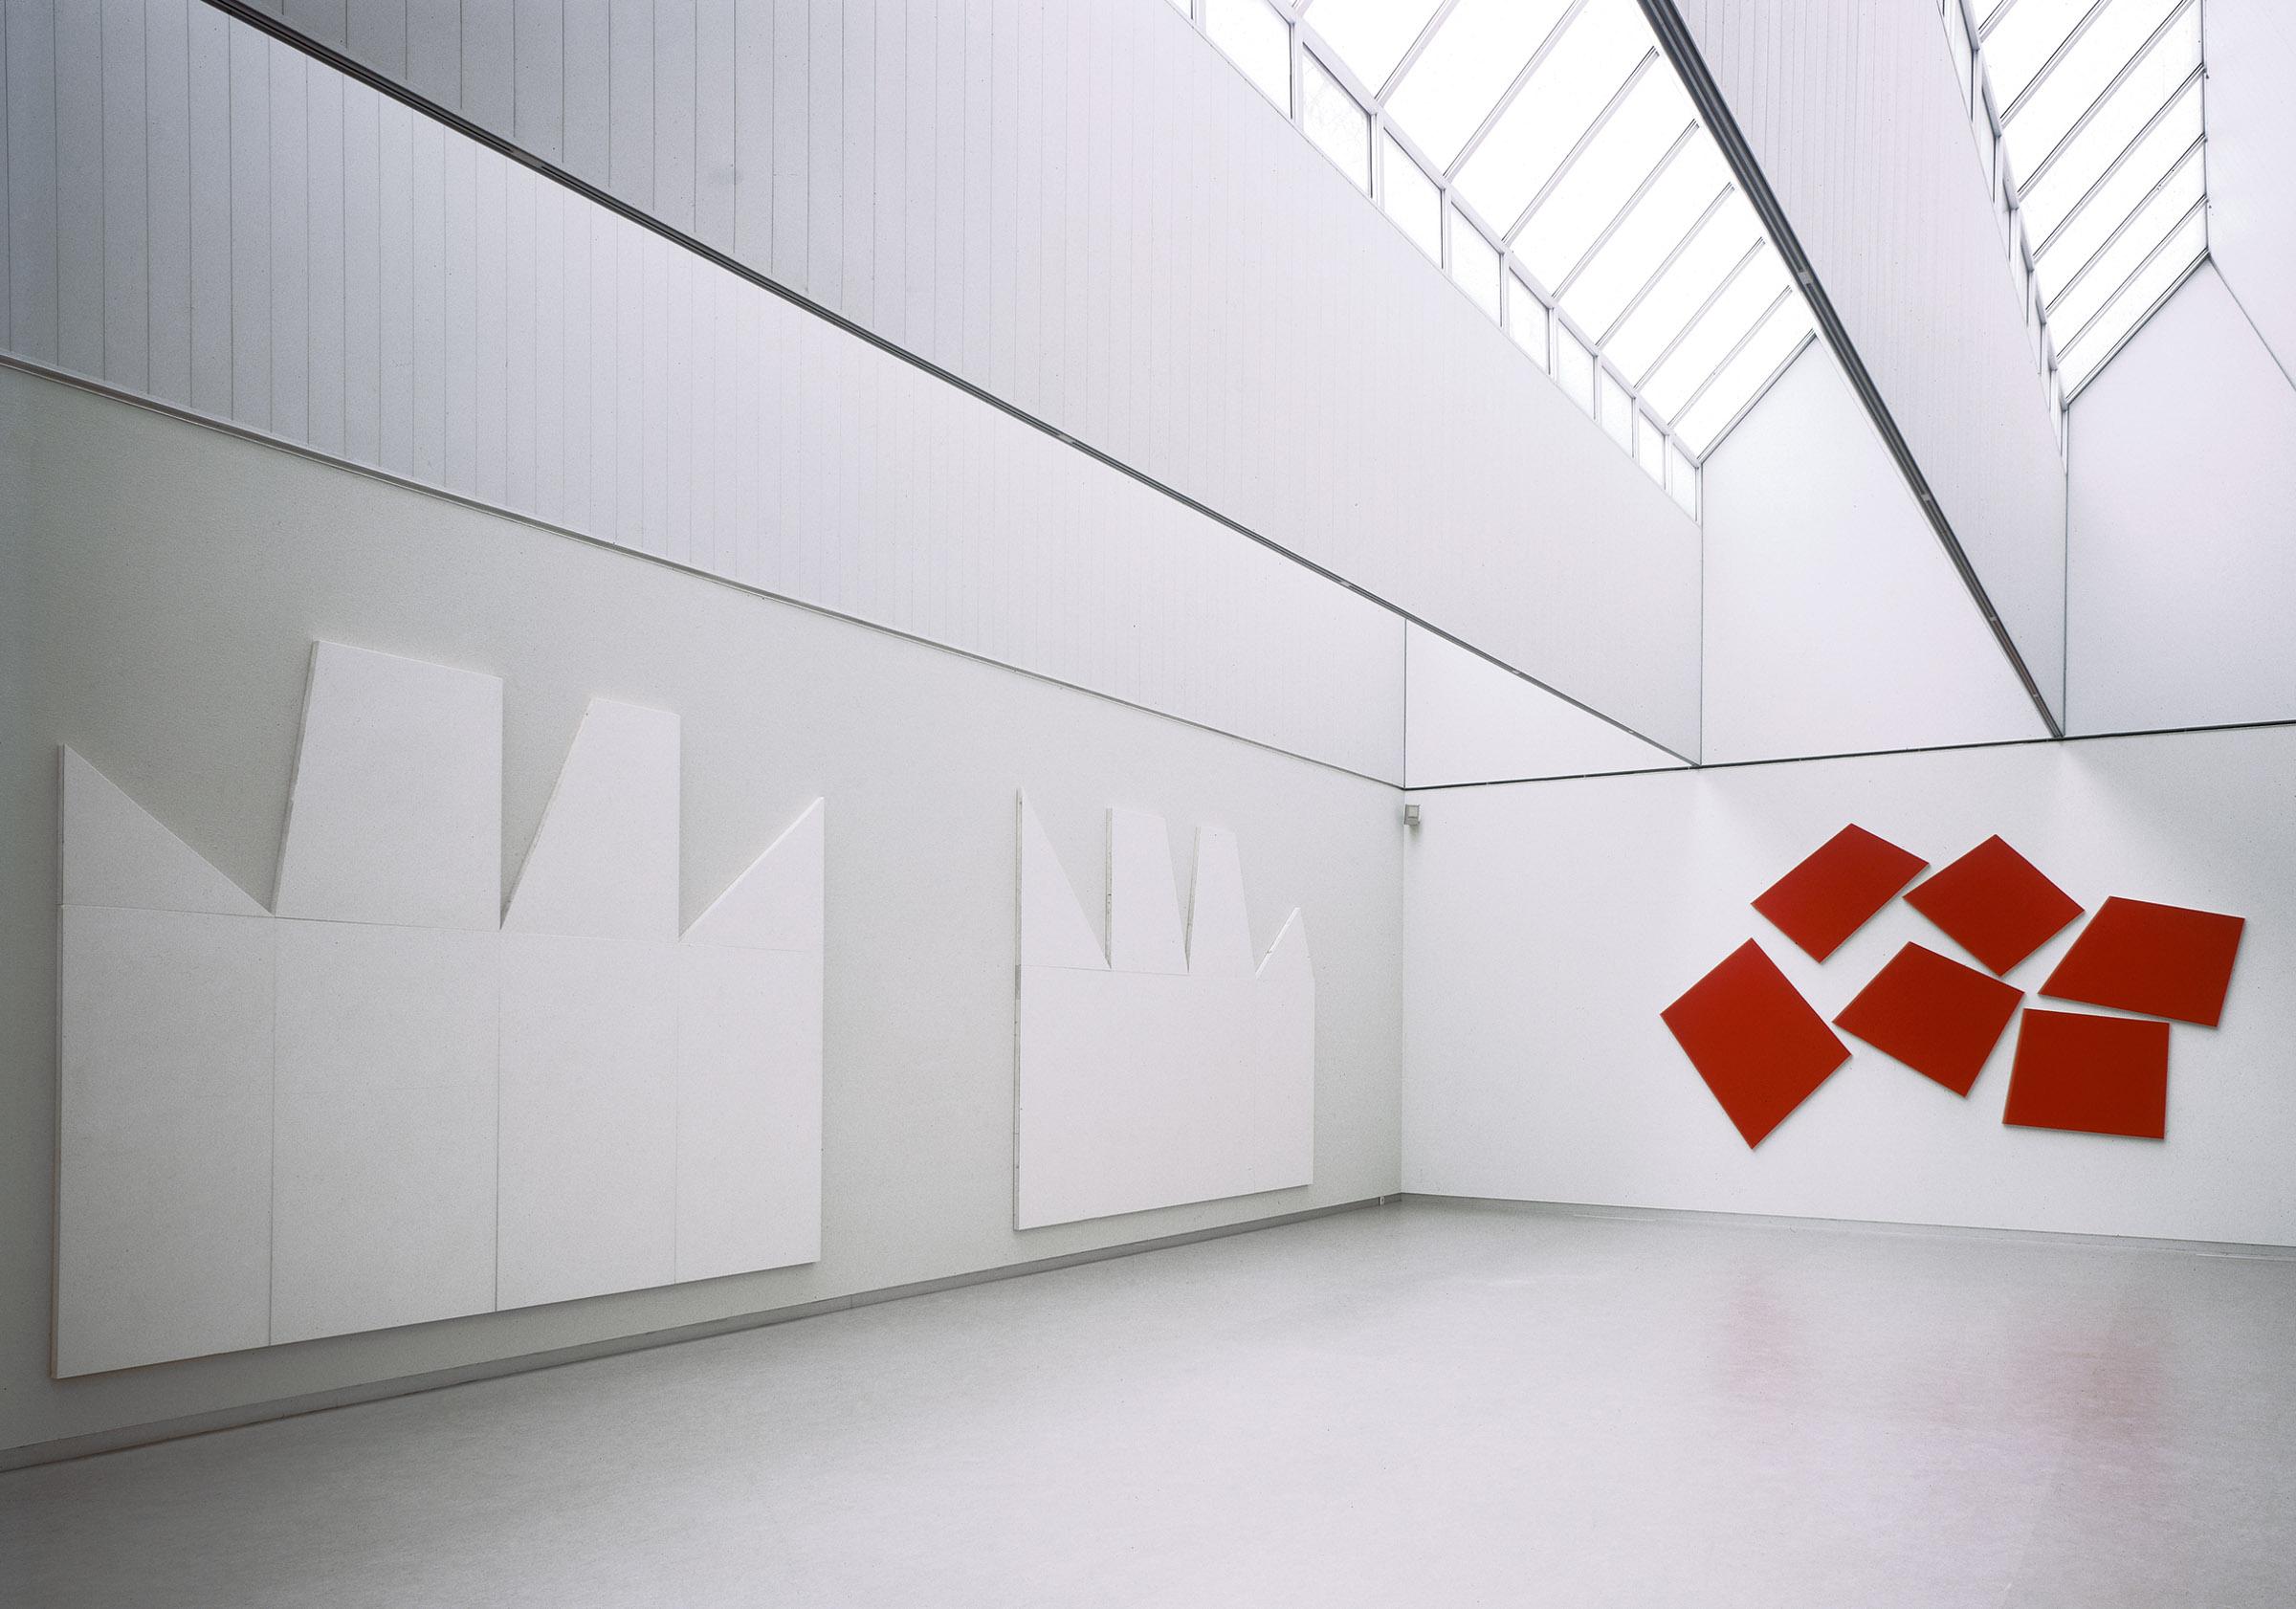 Ausstellung Rijksmuseum Kröller Müller, Otterlo, 1985-2